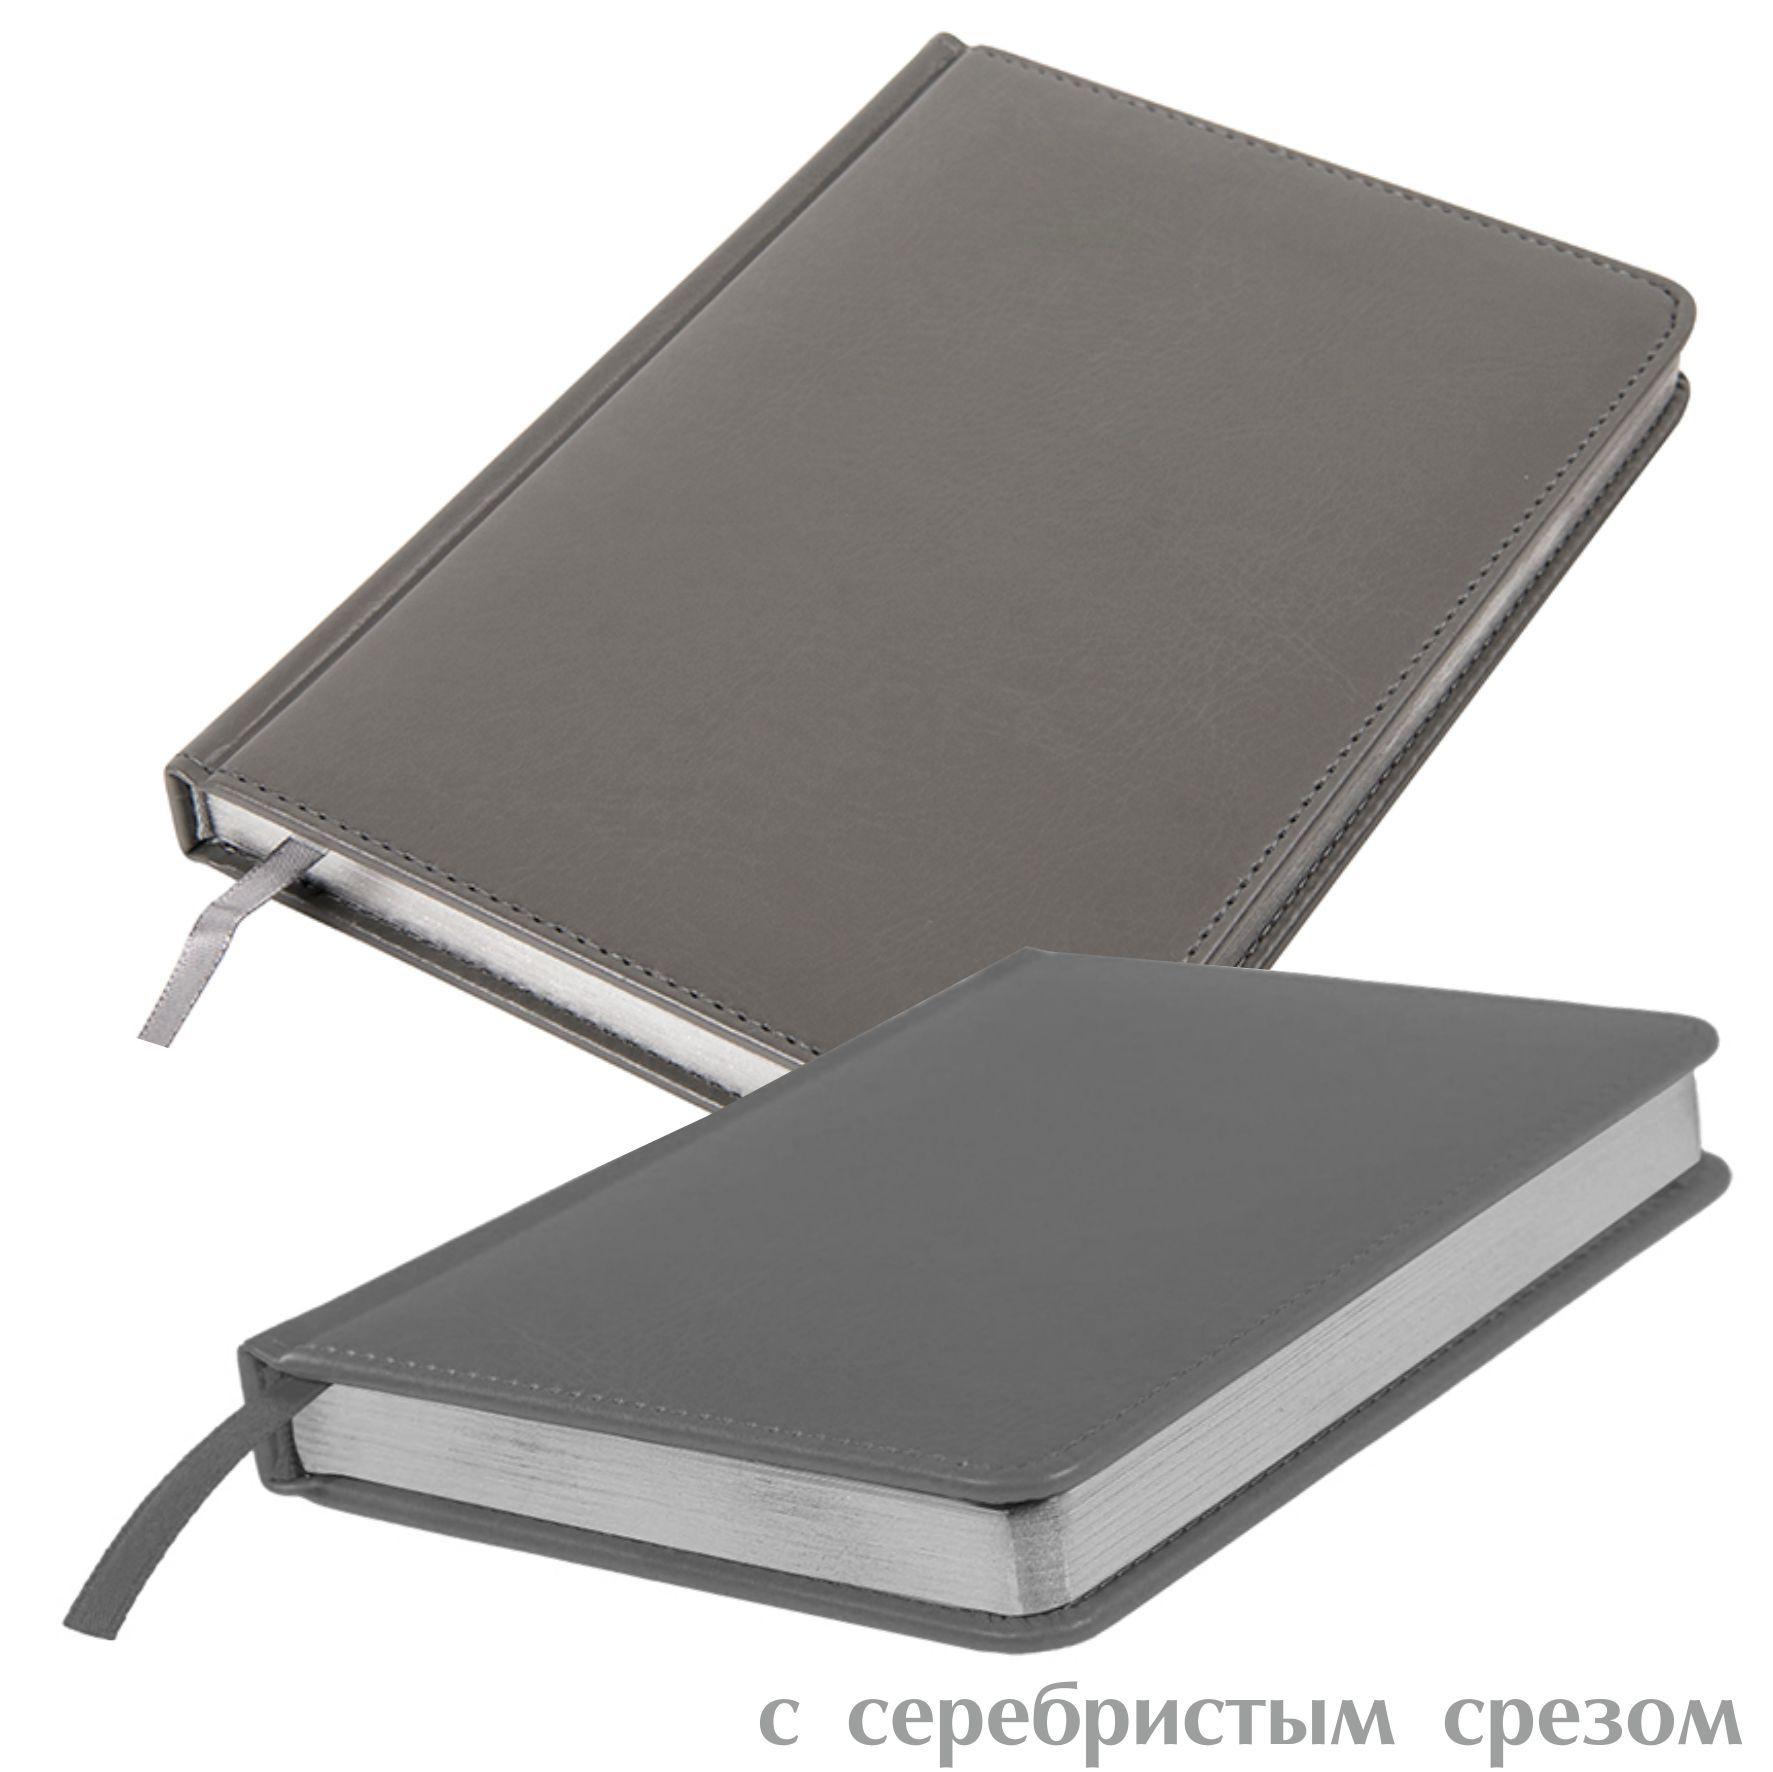 ежедневники оптом в Новосибирске